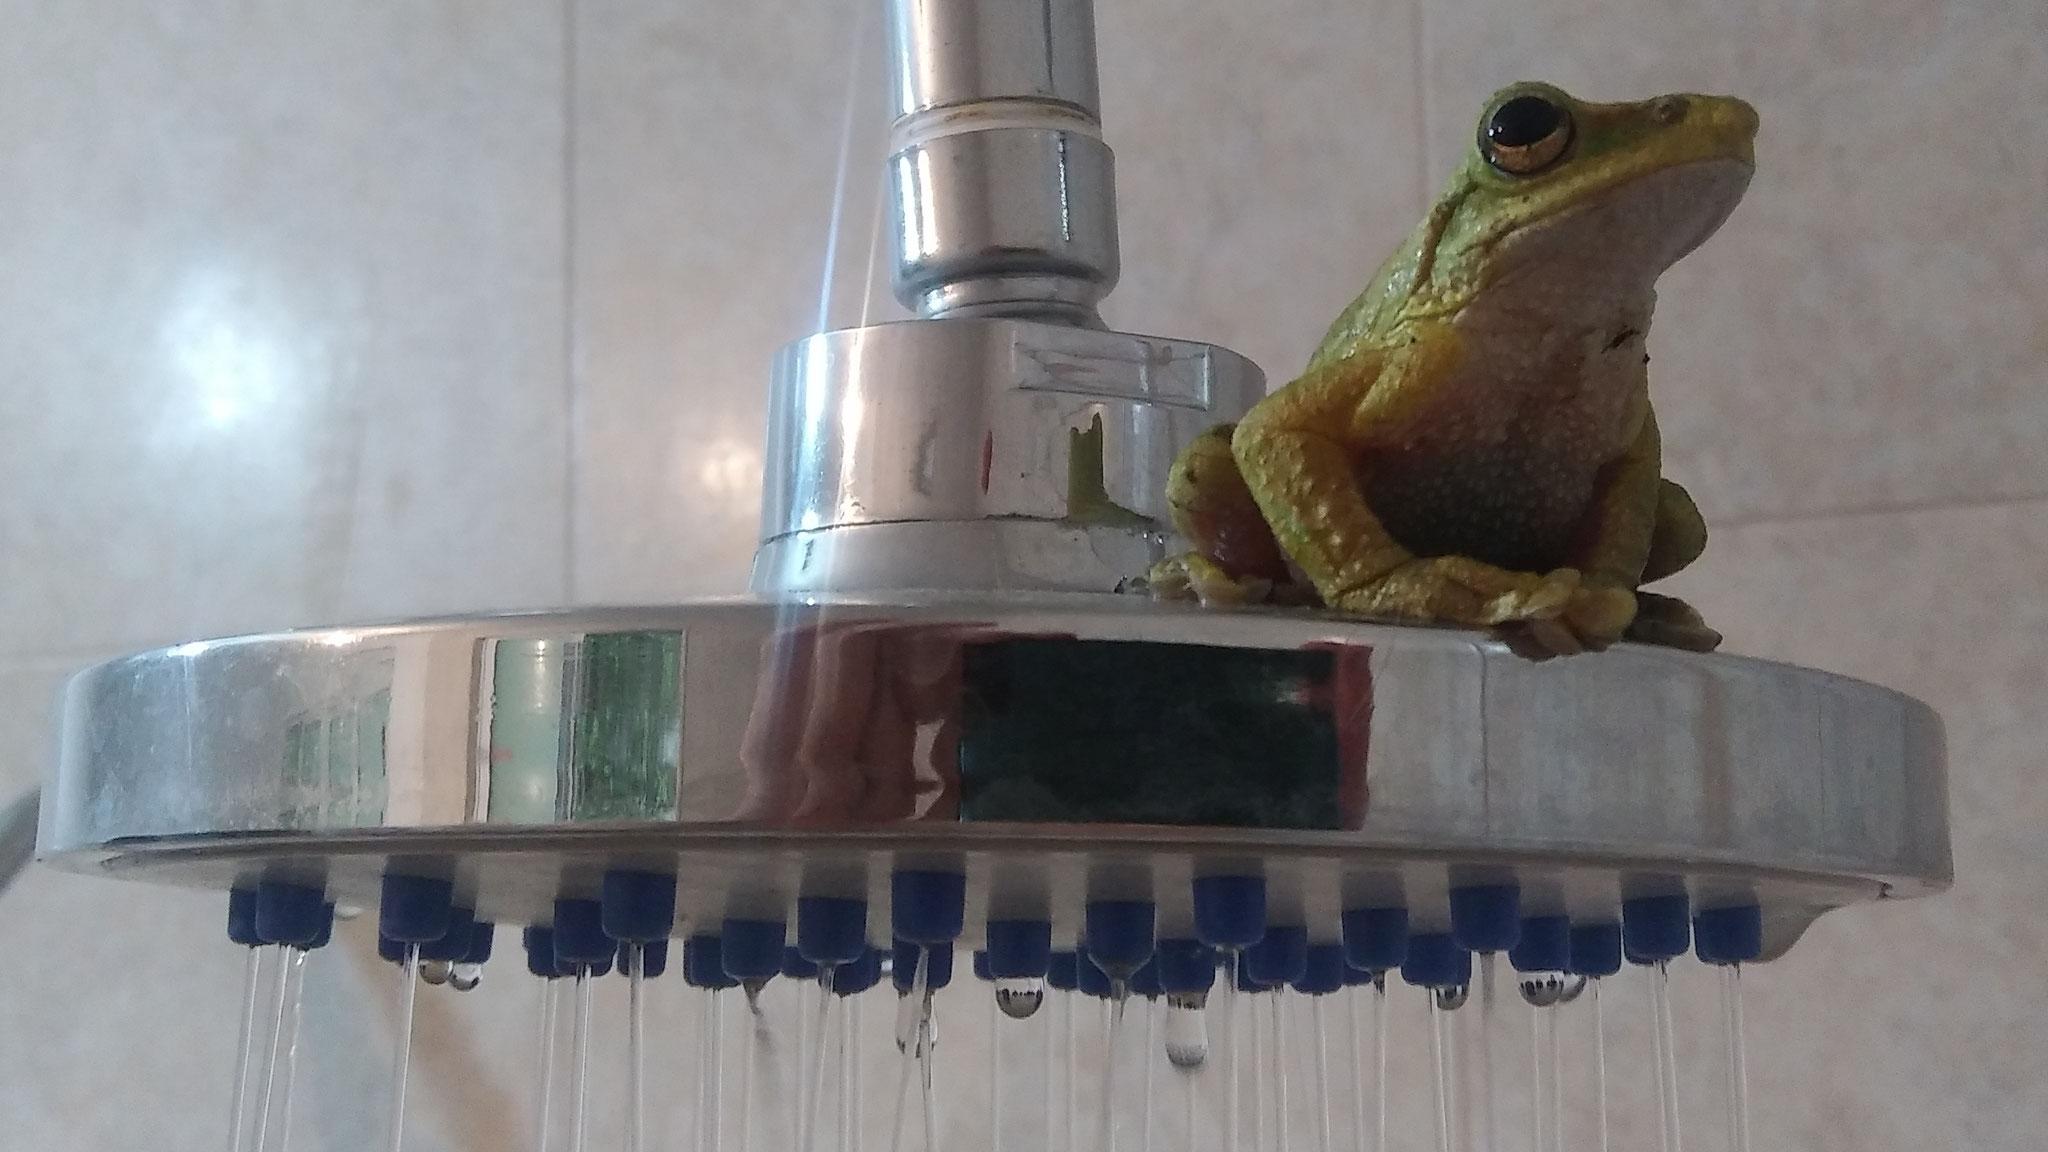 ¡bienvenido a gozar tu ducha caliente en SEMUK! / herzlich willkommen zu einer heissen Dusche in SEMUK!